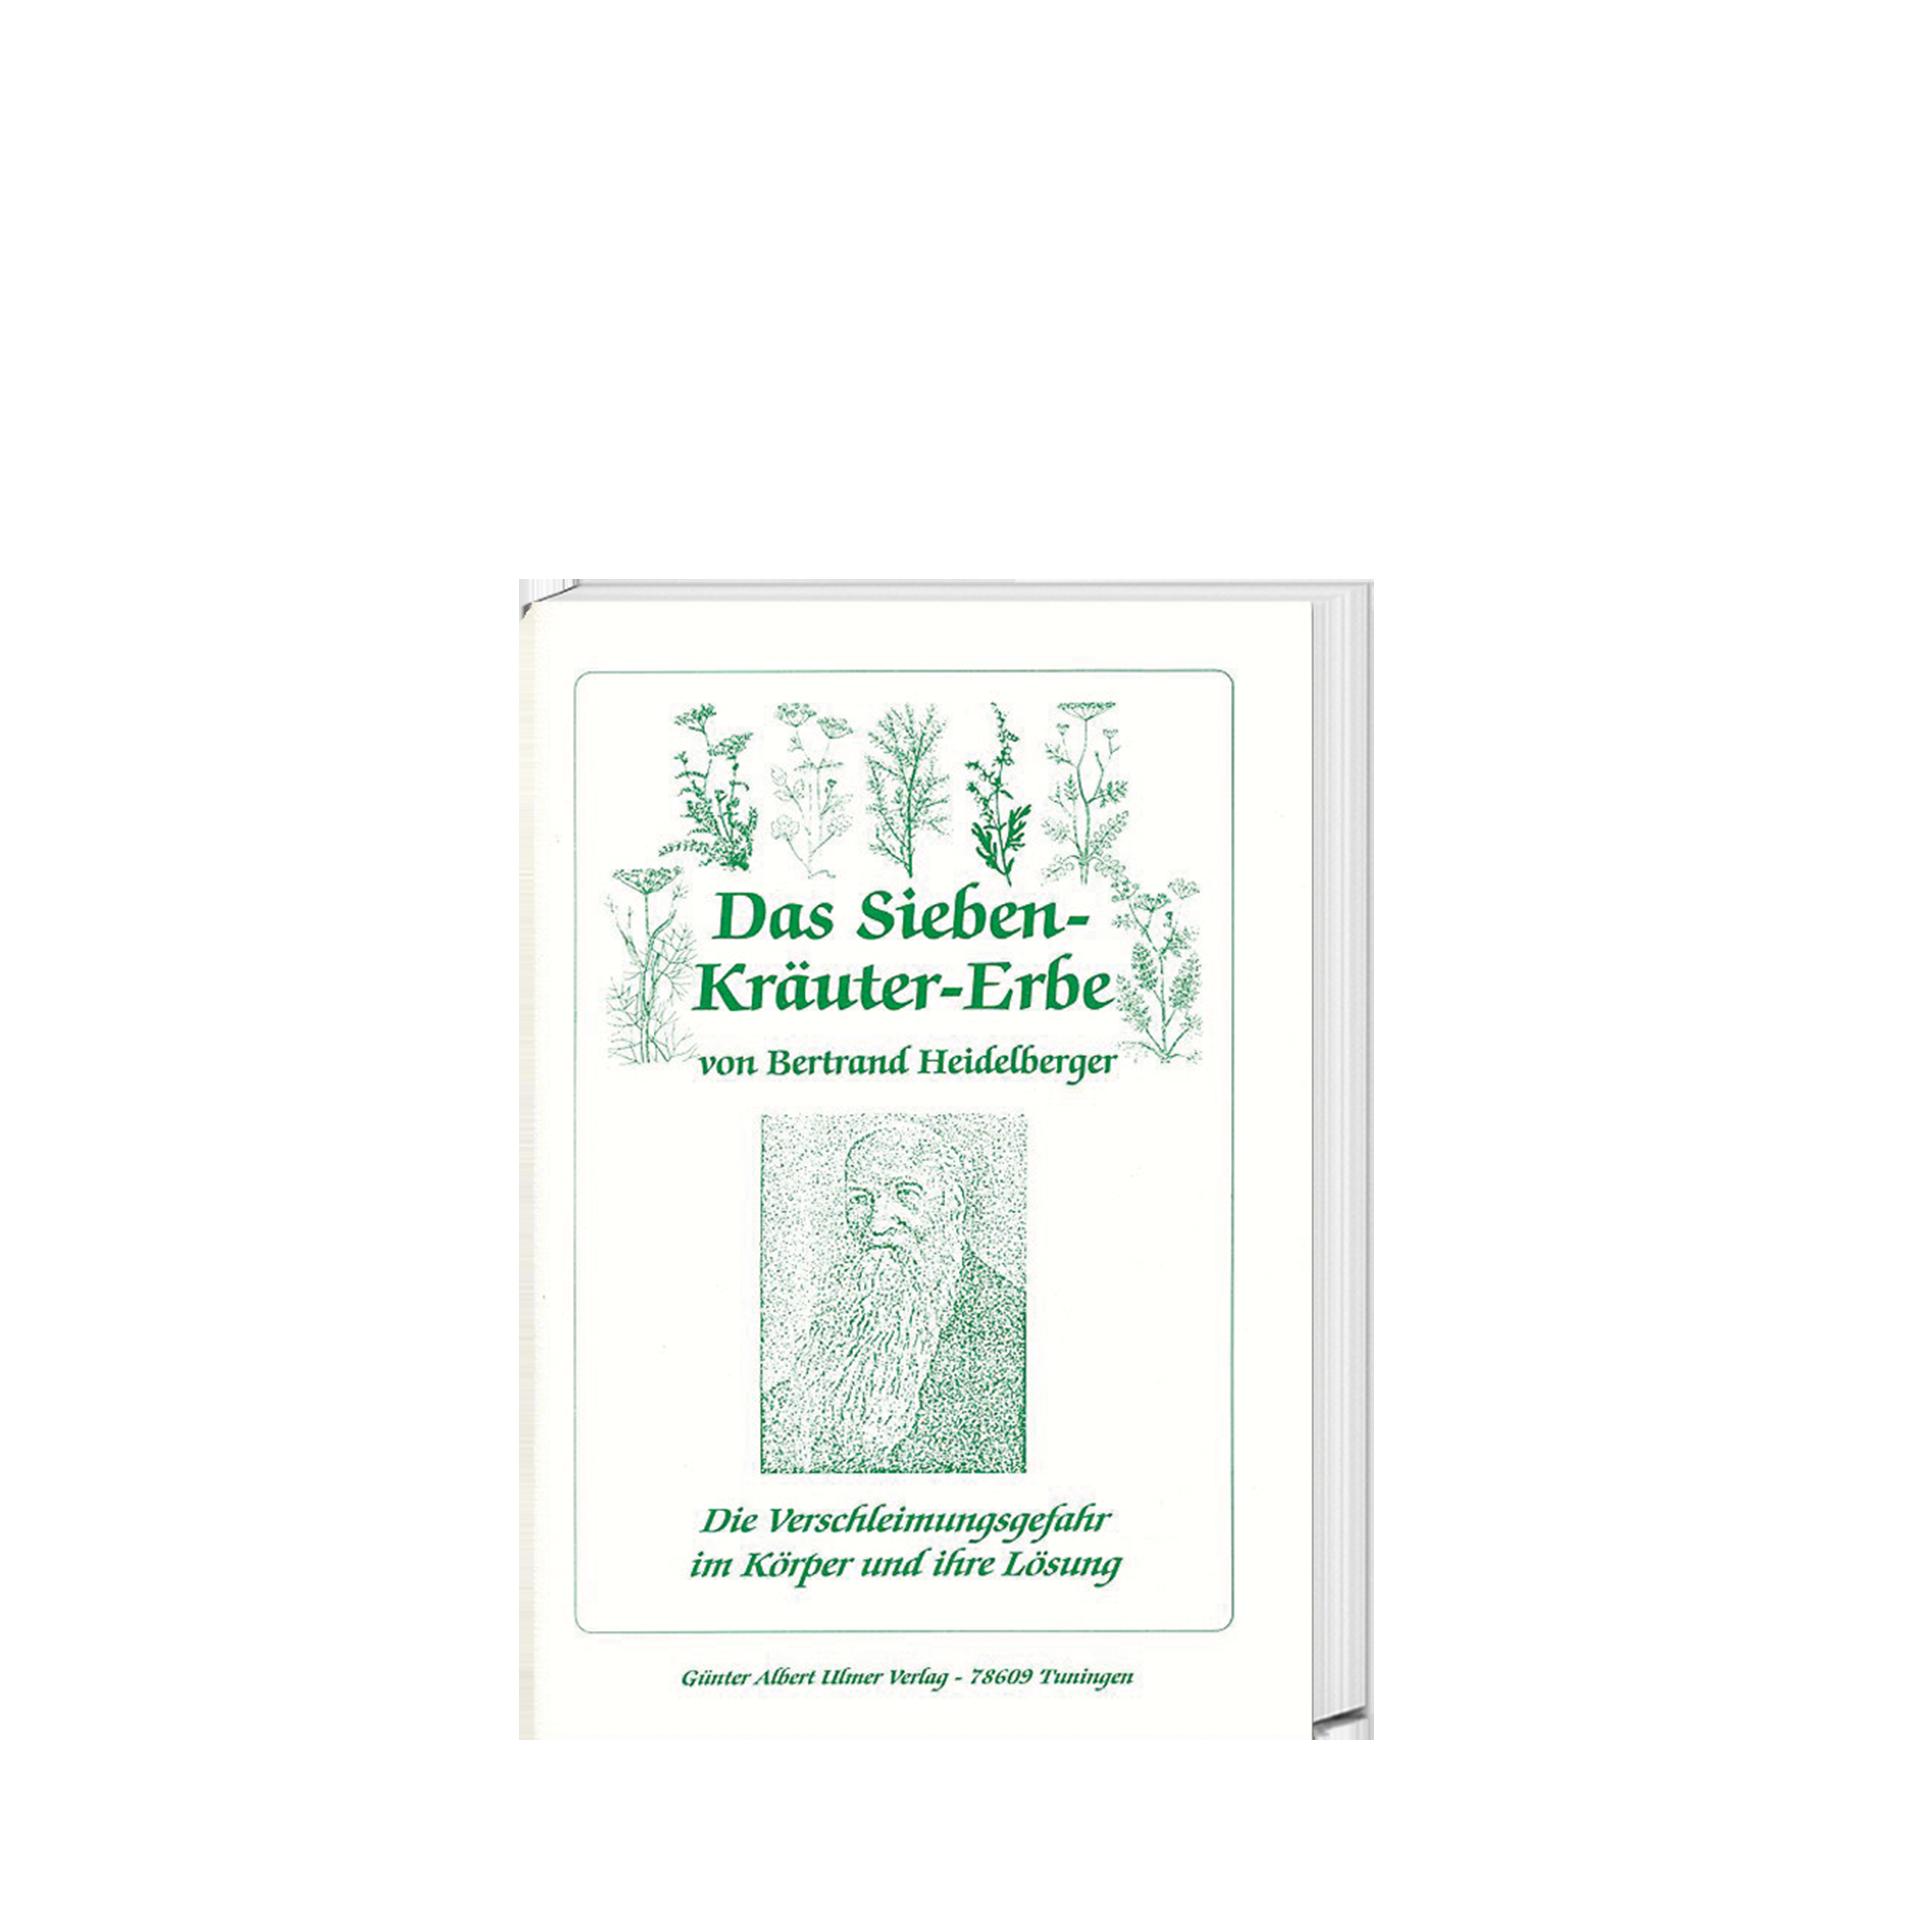 Das Sieben-Kräuter-Erbe, 64 Seiten